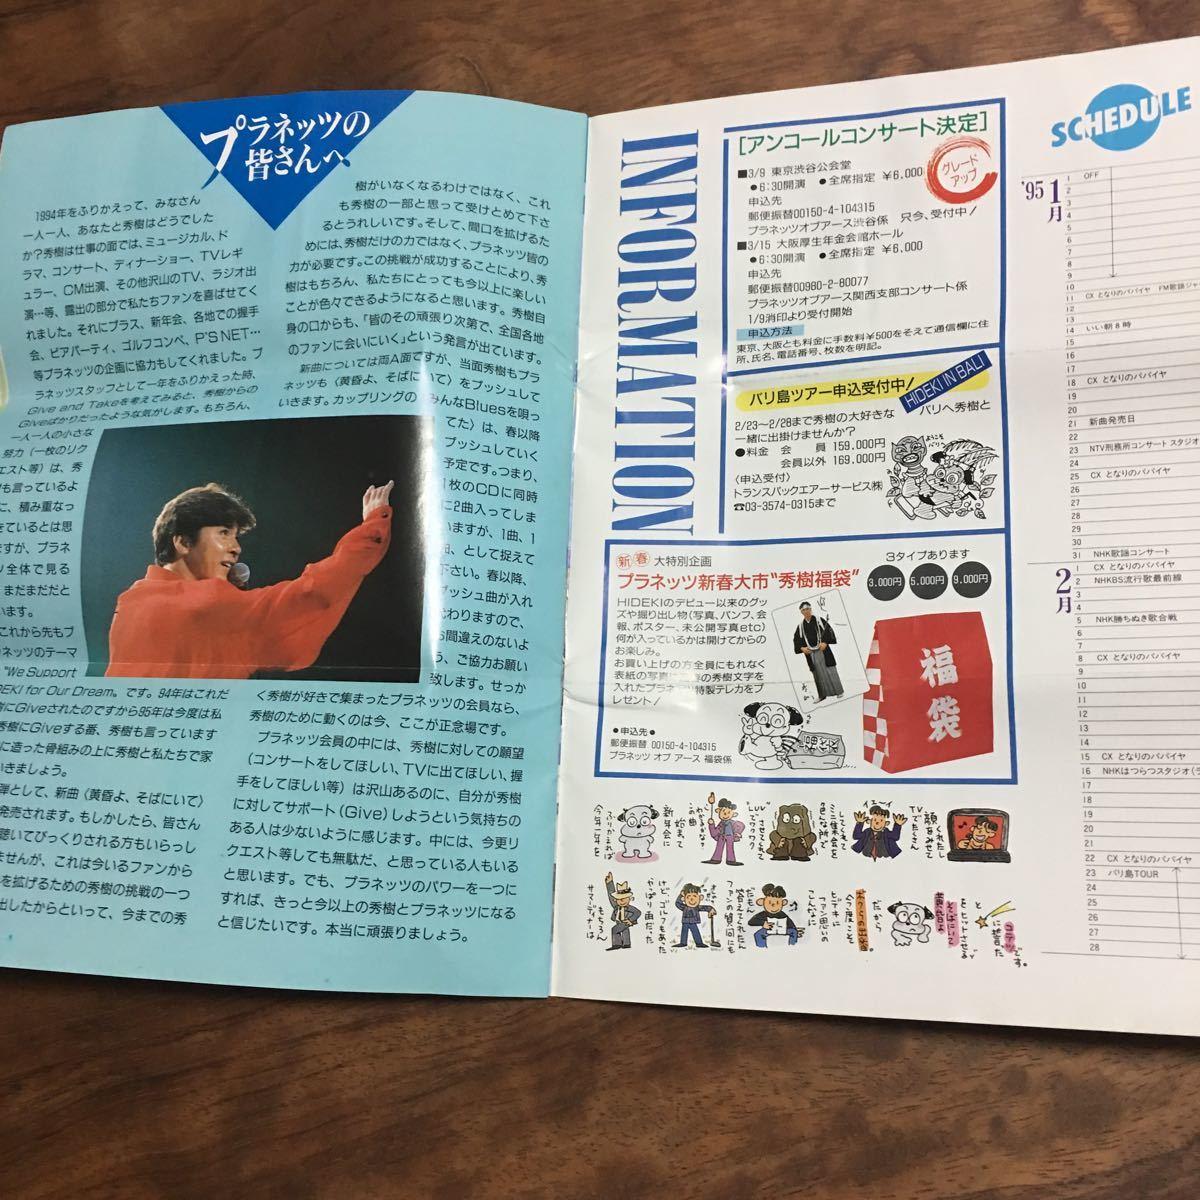 西城秀樹 ファンクラブ会報誌 DUET 1994 vol 39_画像6